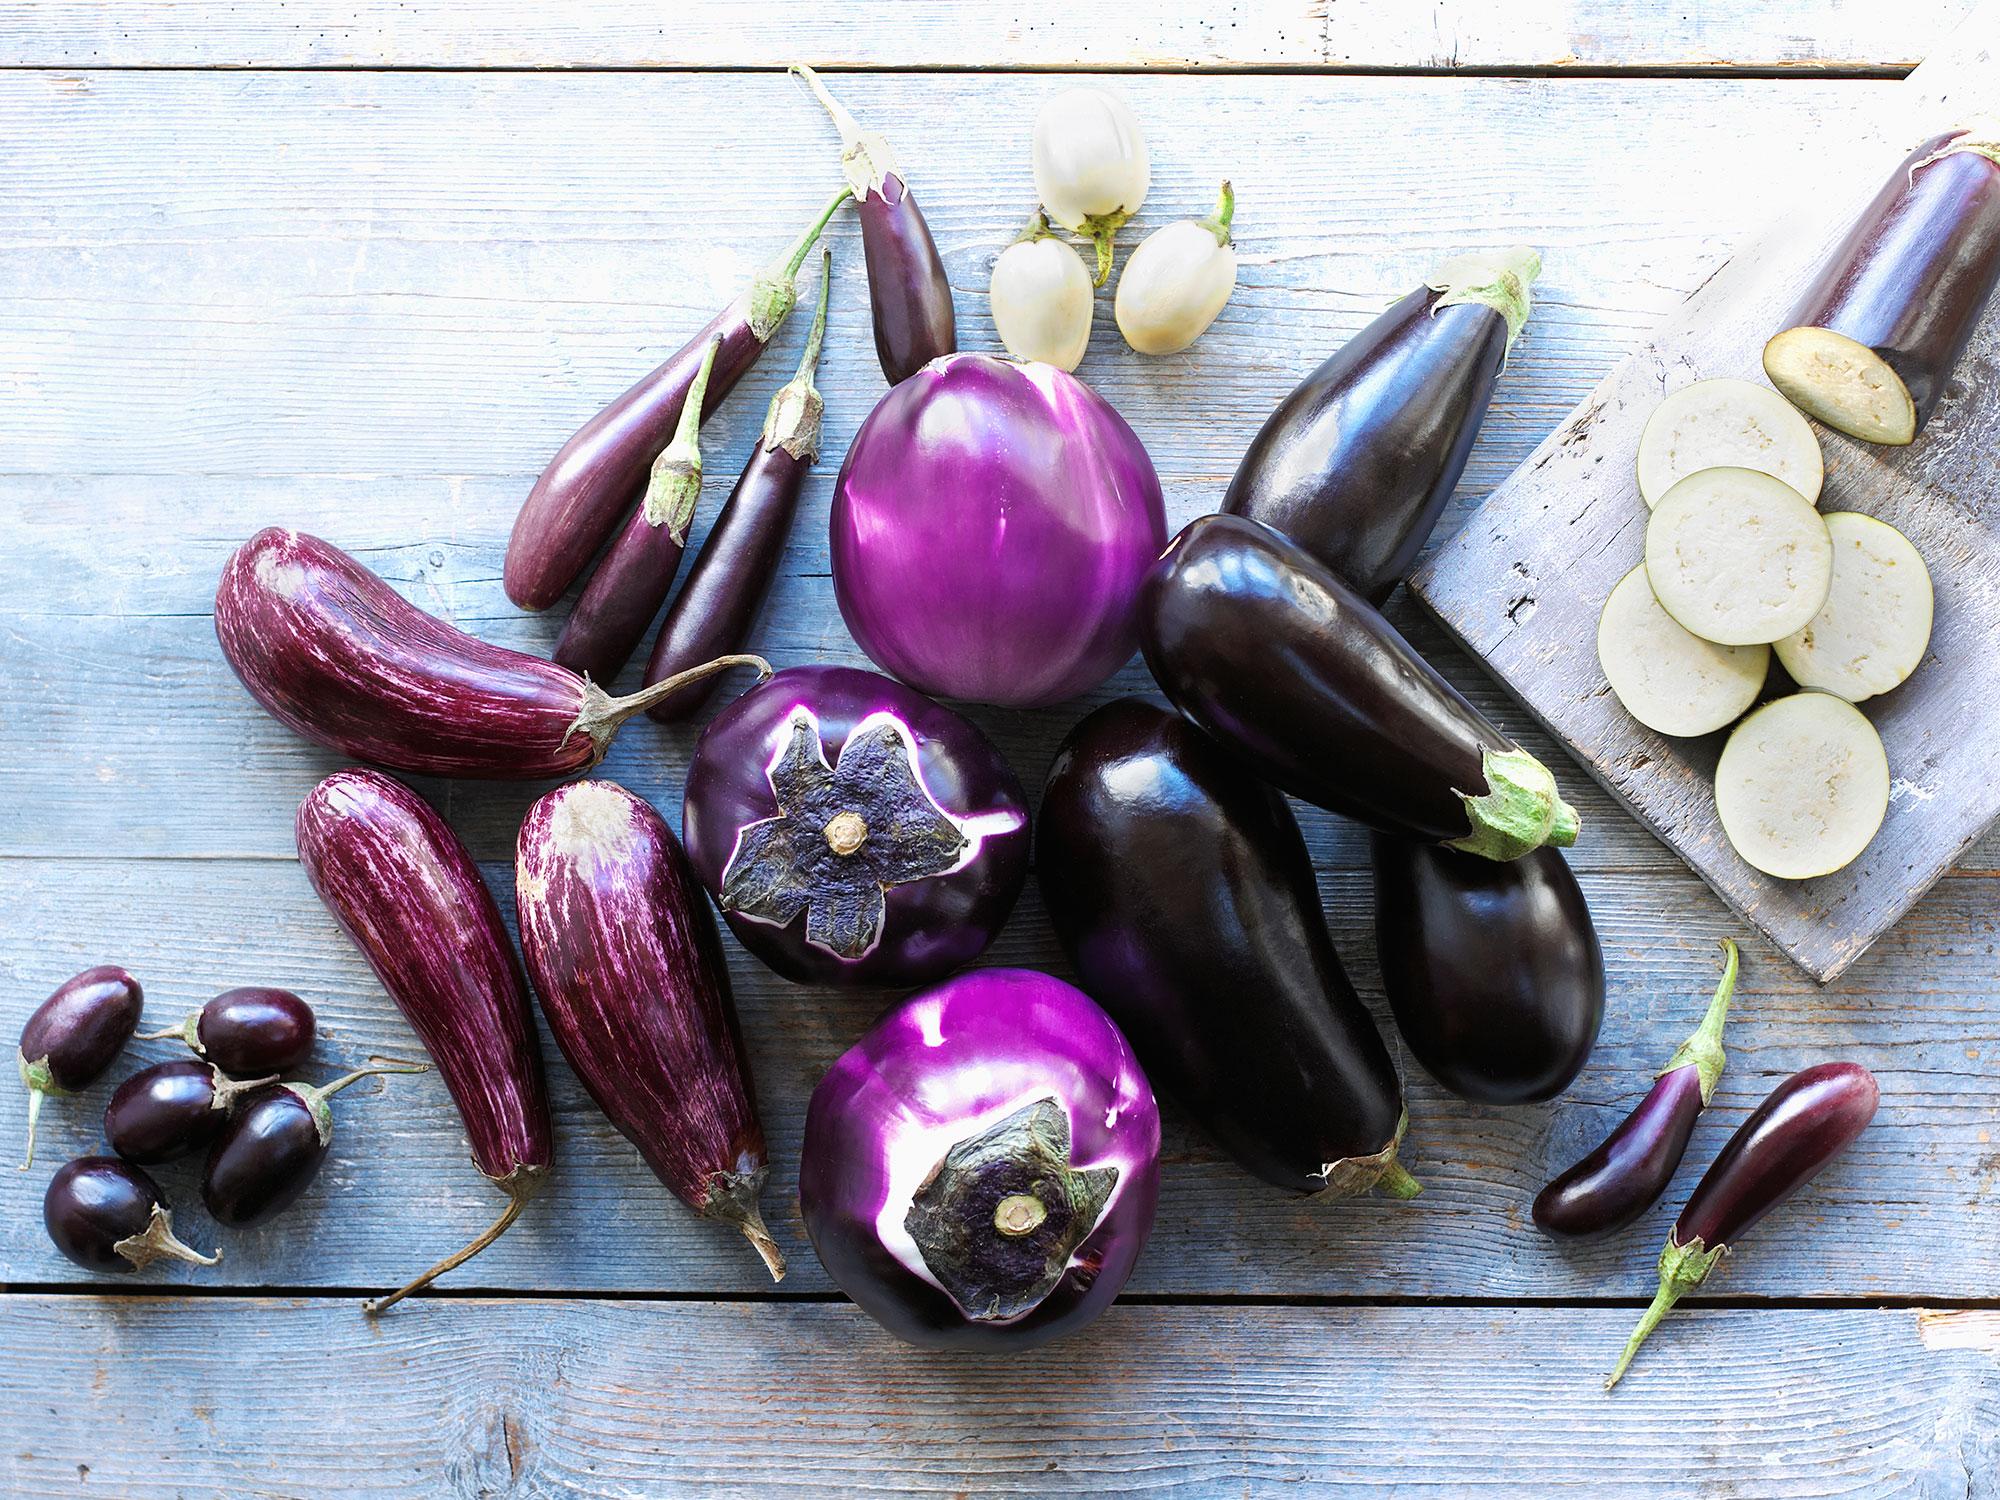 کالری و ارزش غذایی بادمجان + فواید آن برای سلامتی